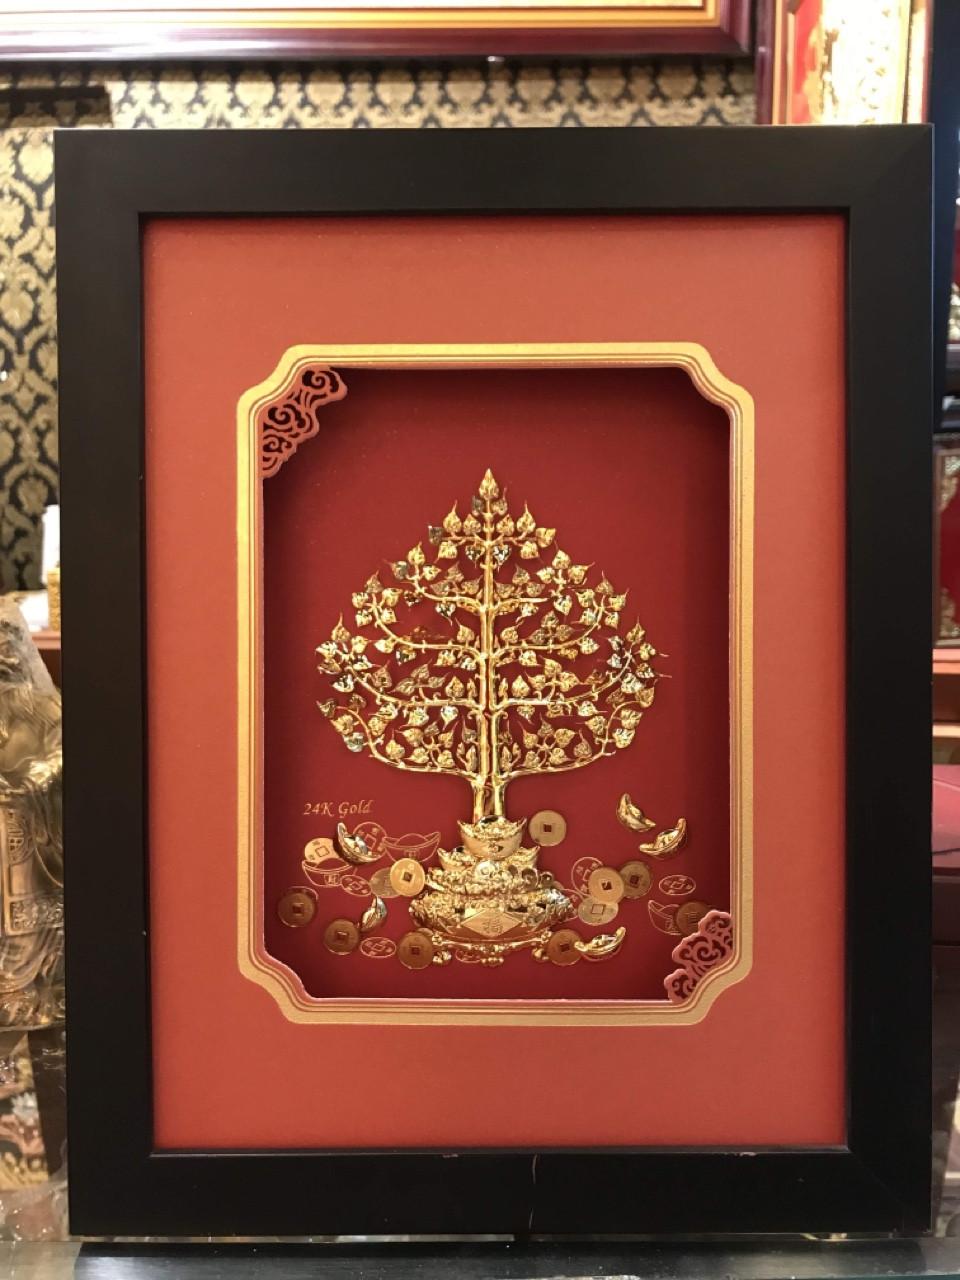 Tranh cây tiền vàng, quà tặng lưu niệm tranh cây tiền vàng 24k